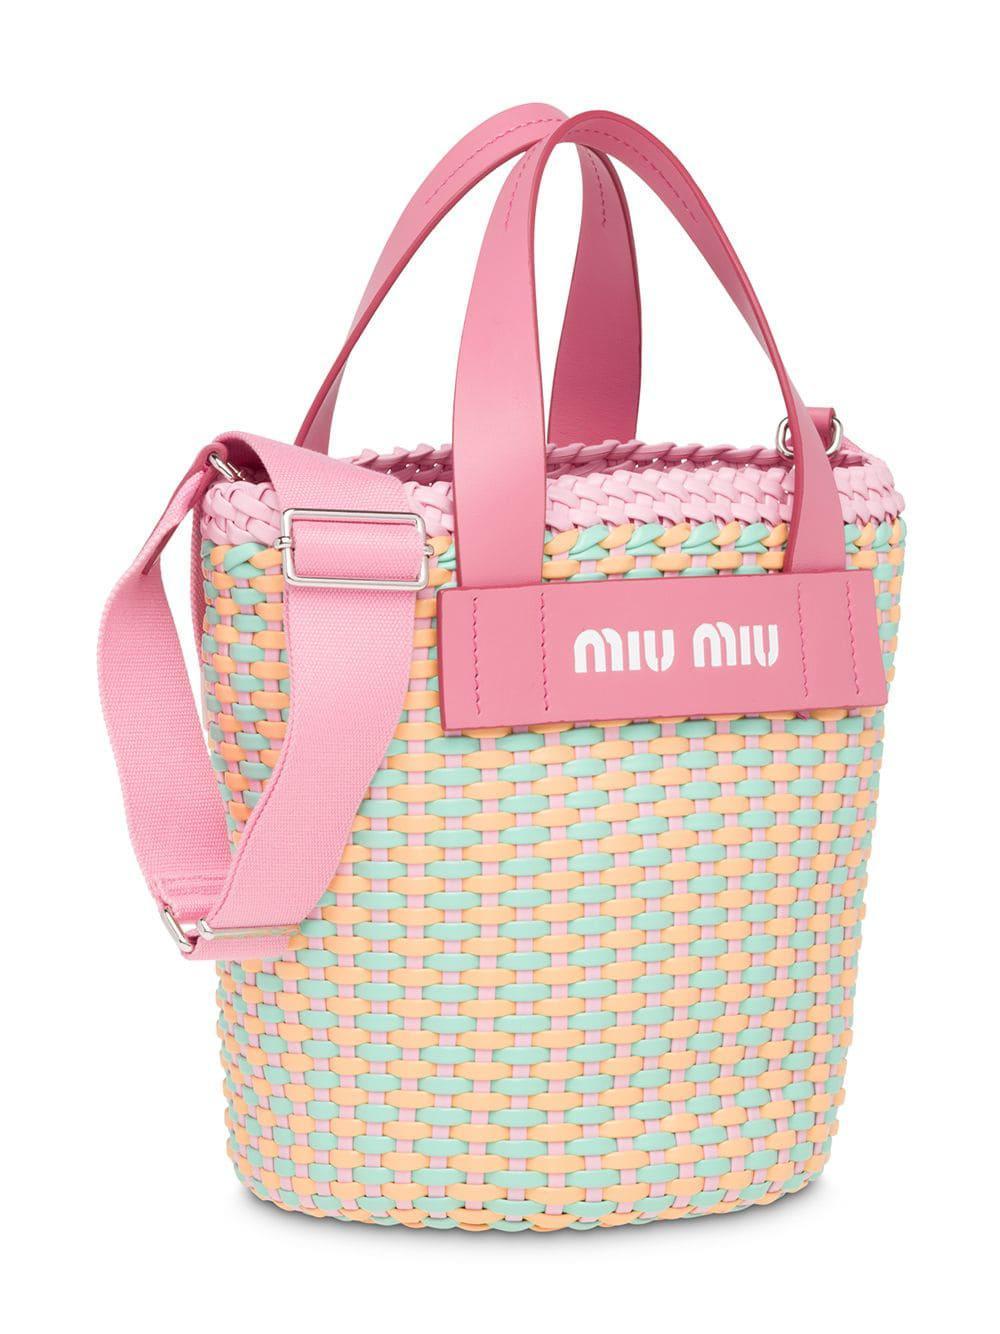 Lyst - Miu Miu Woven Bucket Bag in Pink 980d2c5c4cb54